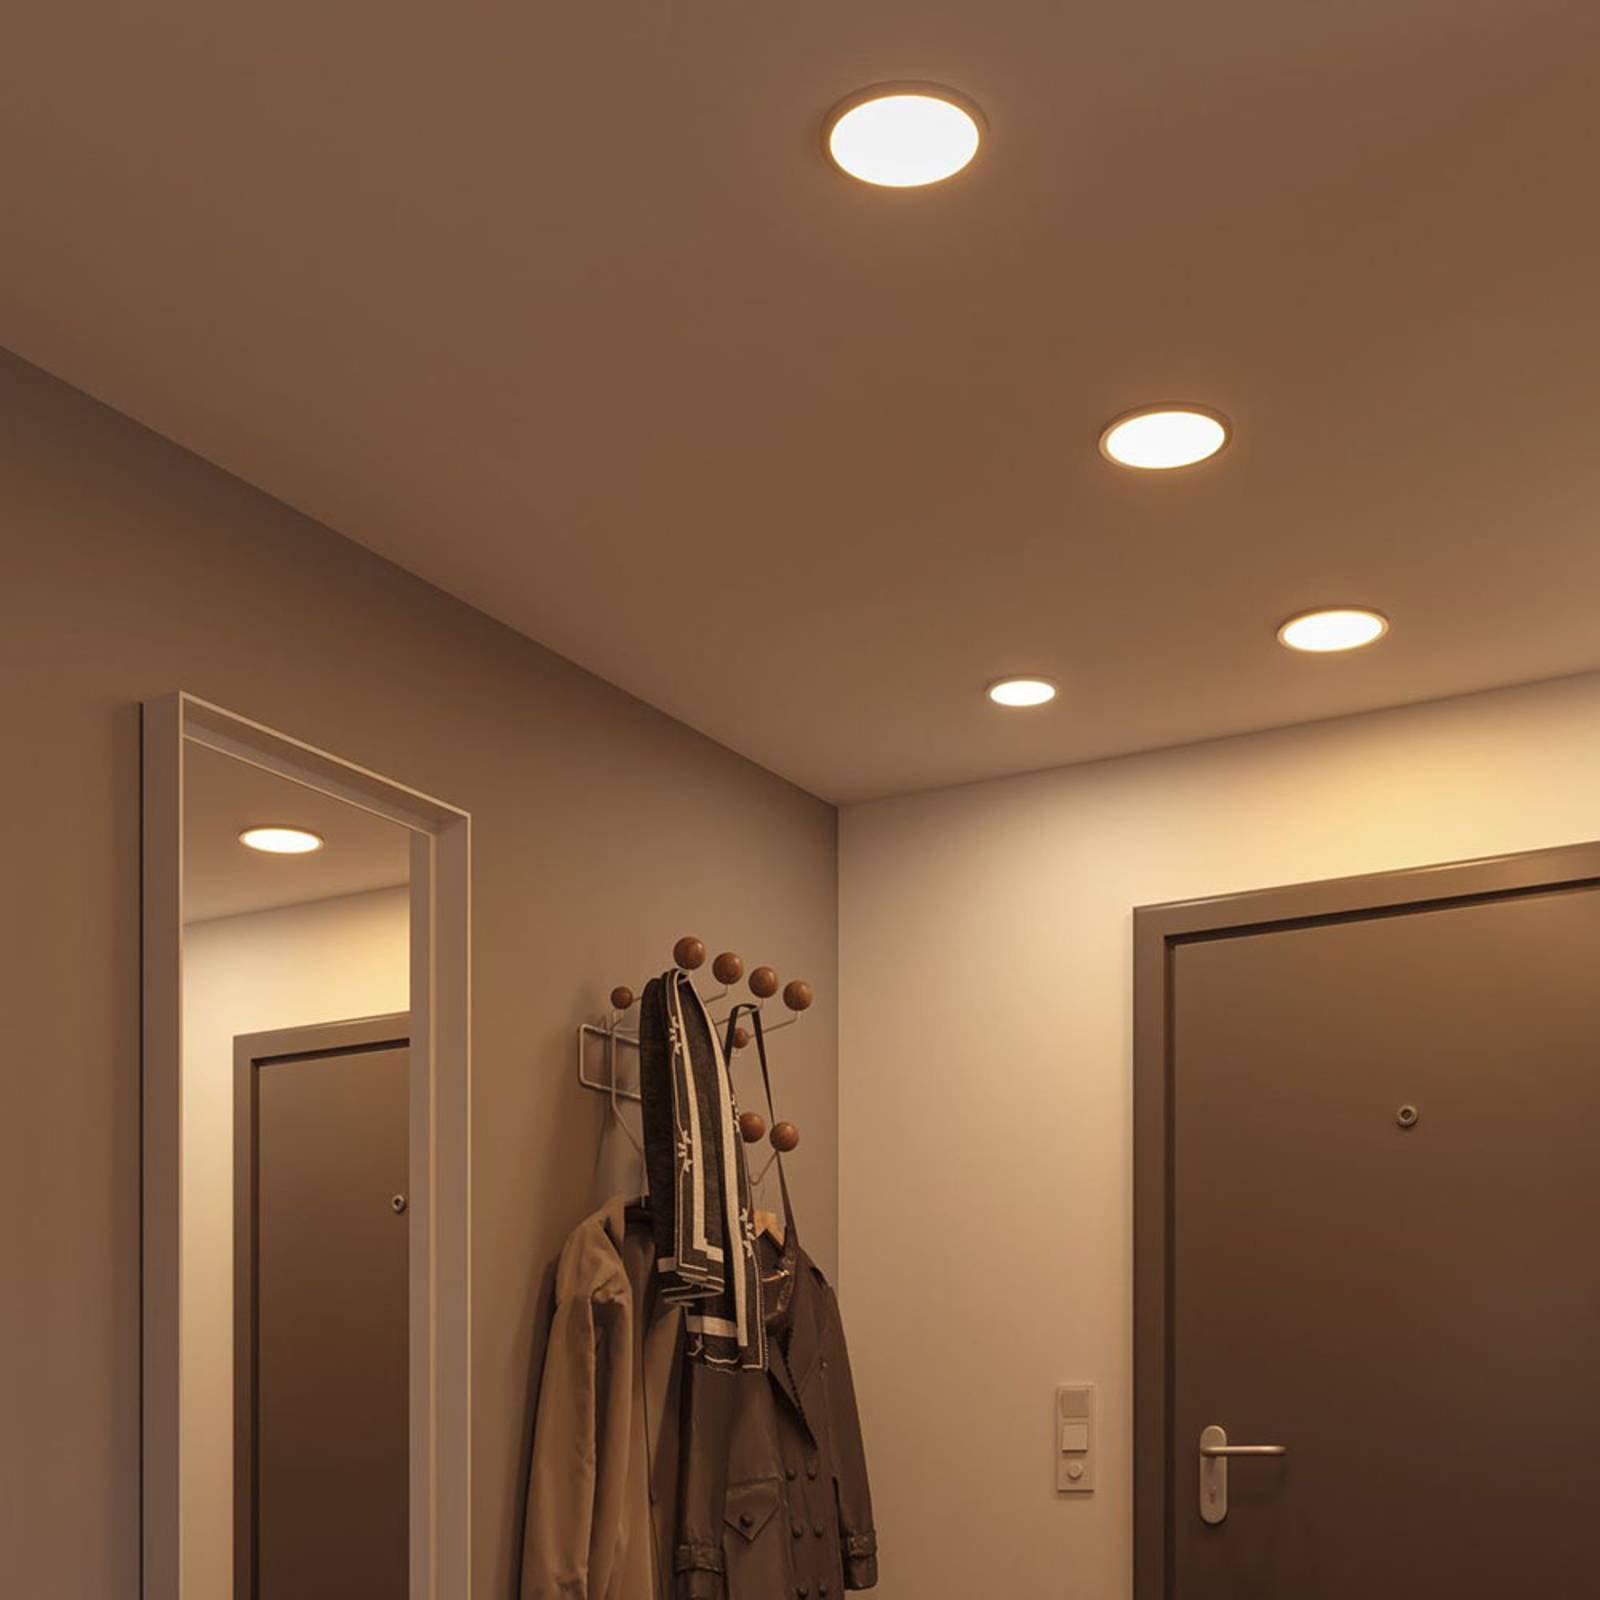 Paulmann LED-panel Areo 3 000 K rund krom 17,5 cm